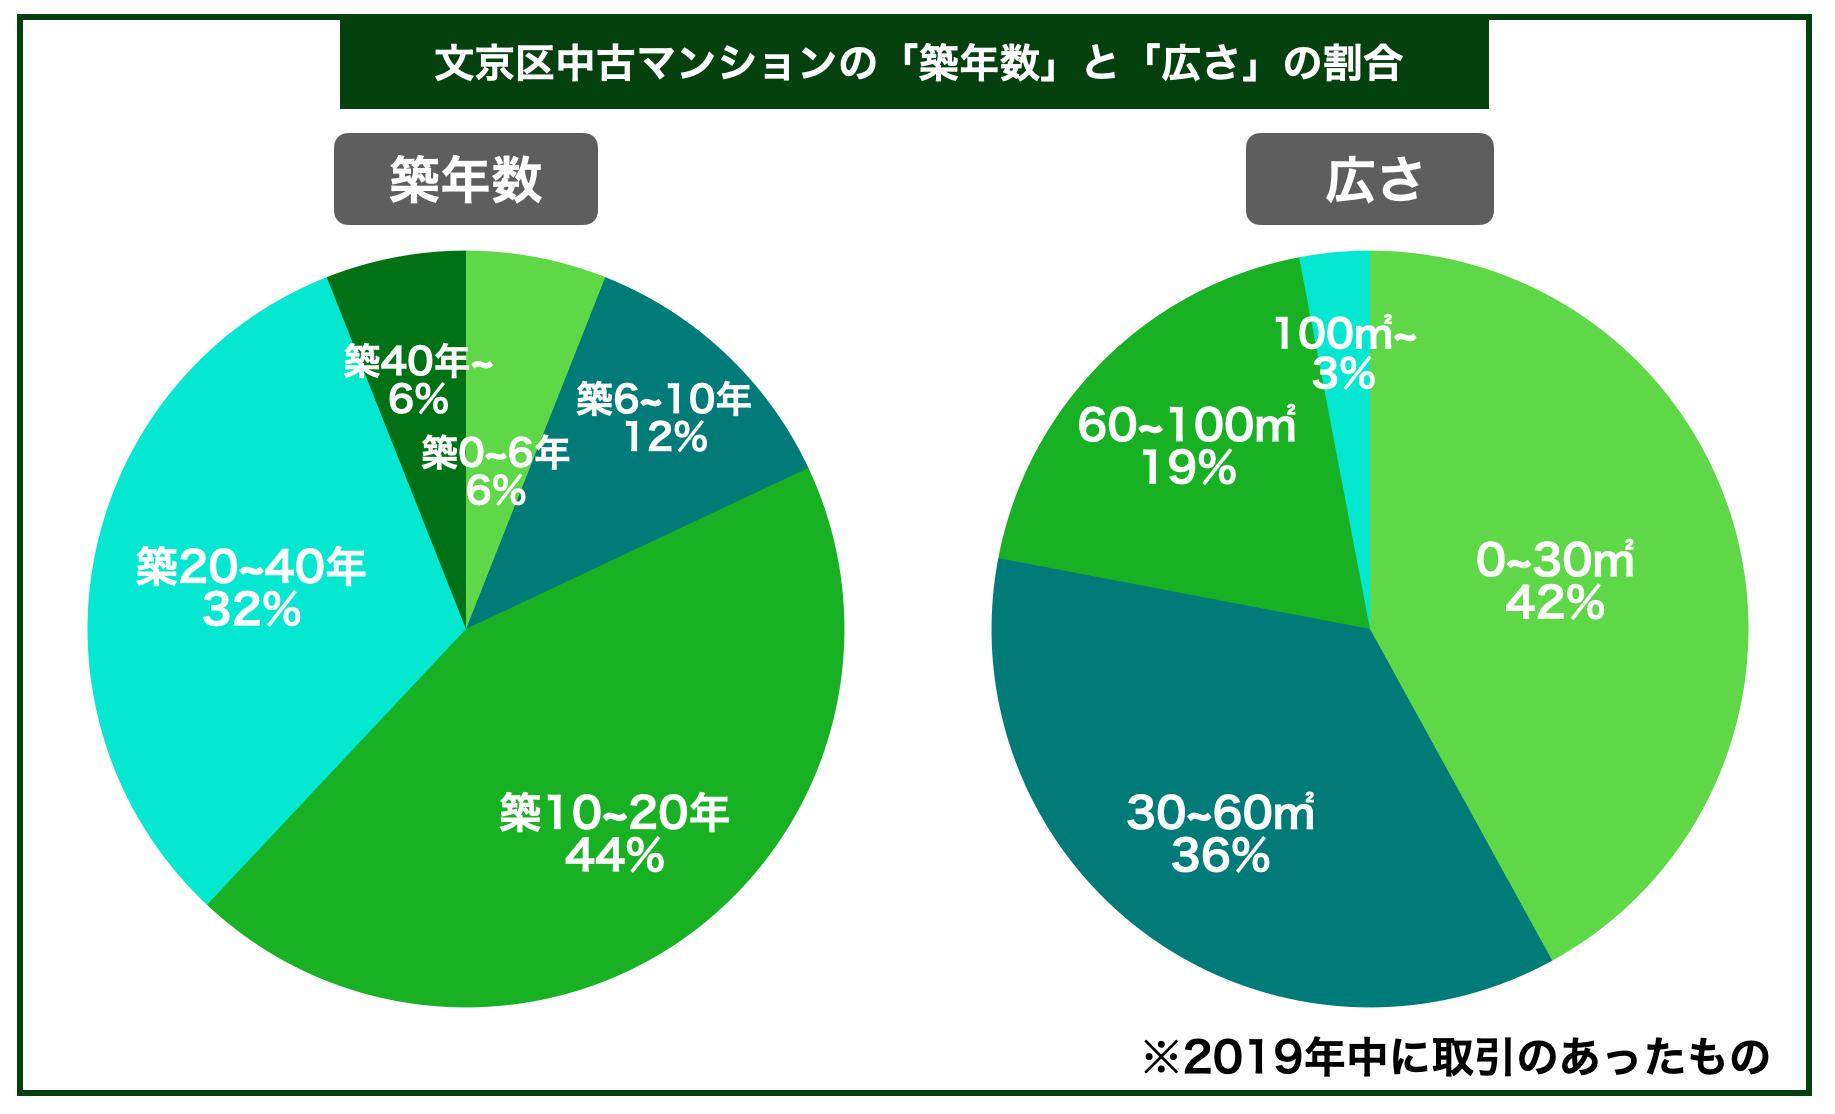 文京区中古マンション築年数広さ割合